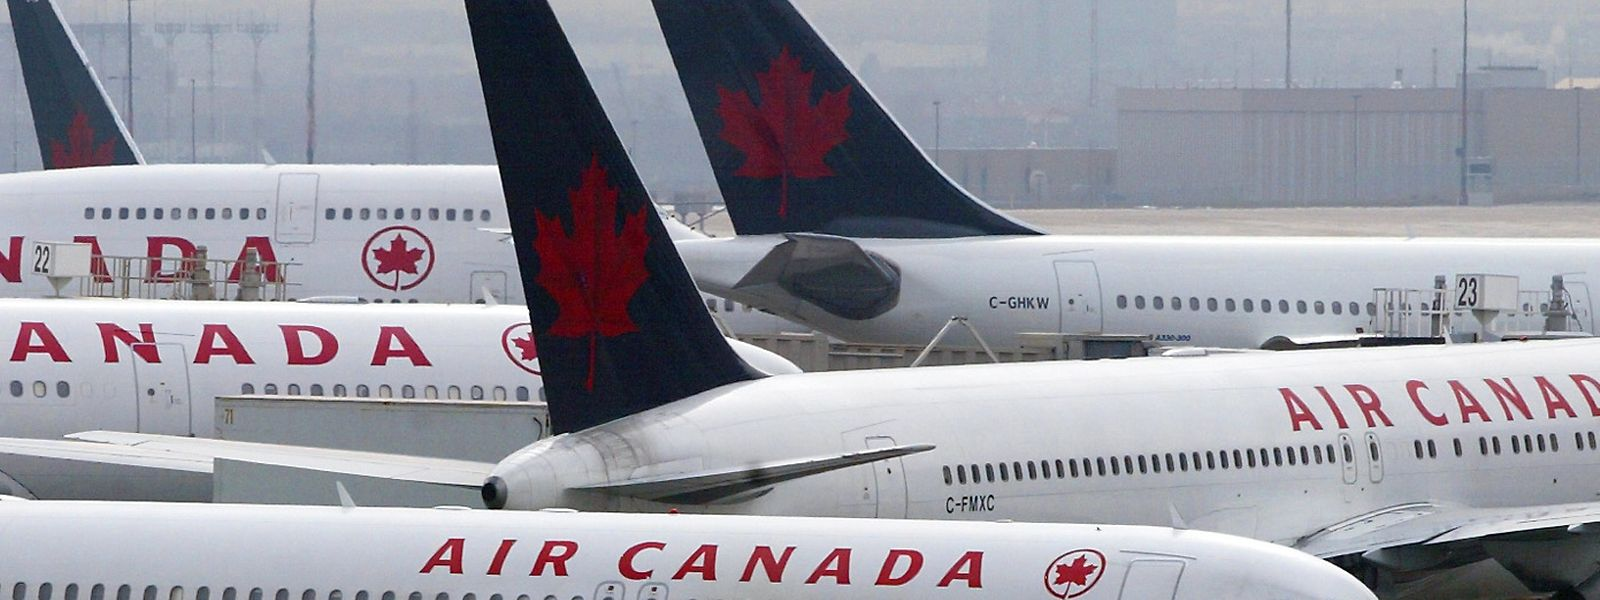 Nicht mehr ganz so einfach: Kanada verschärft seine Einresebestimmungen - auch für Länder ohne Visapflicht.